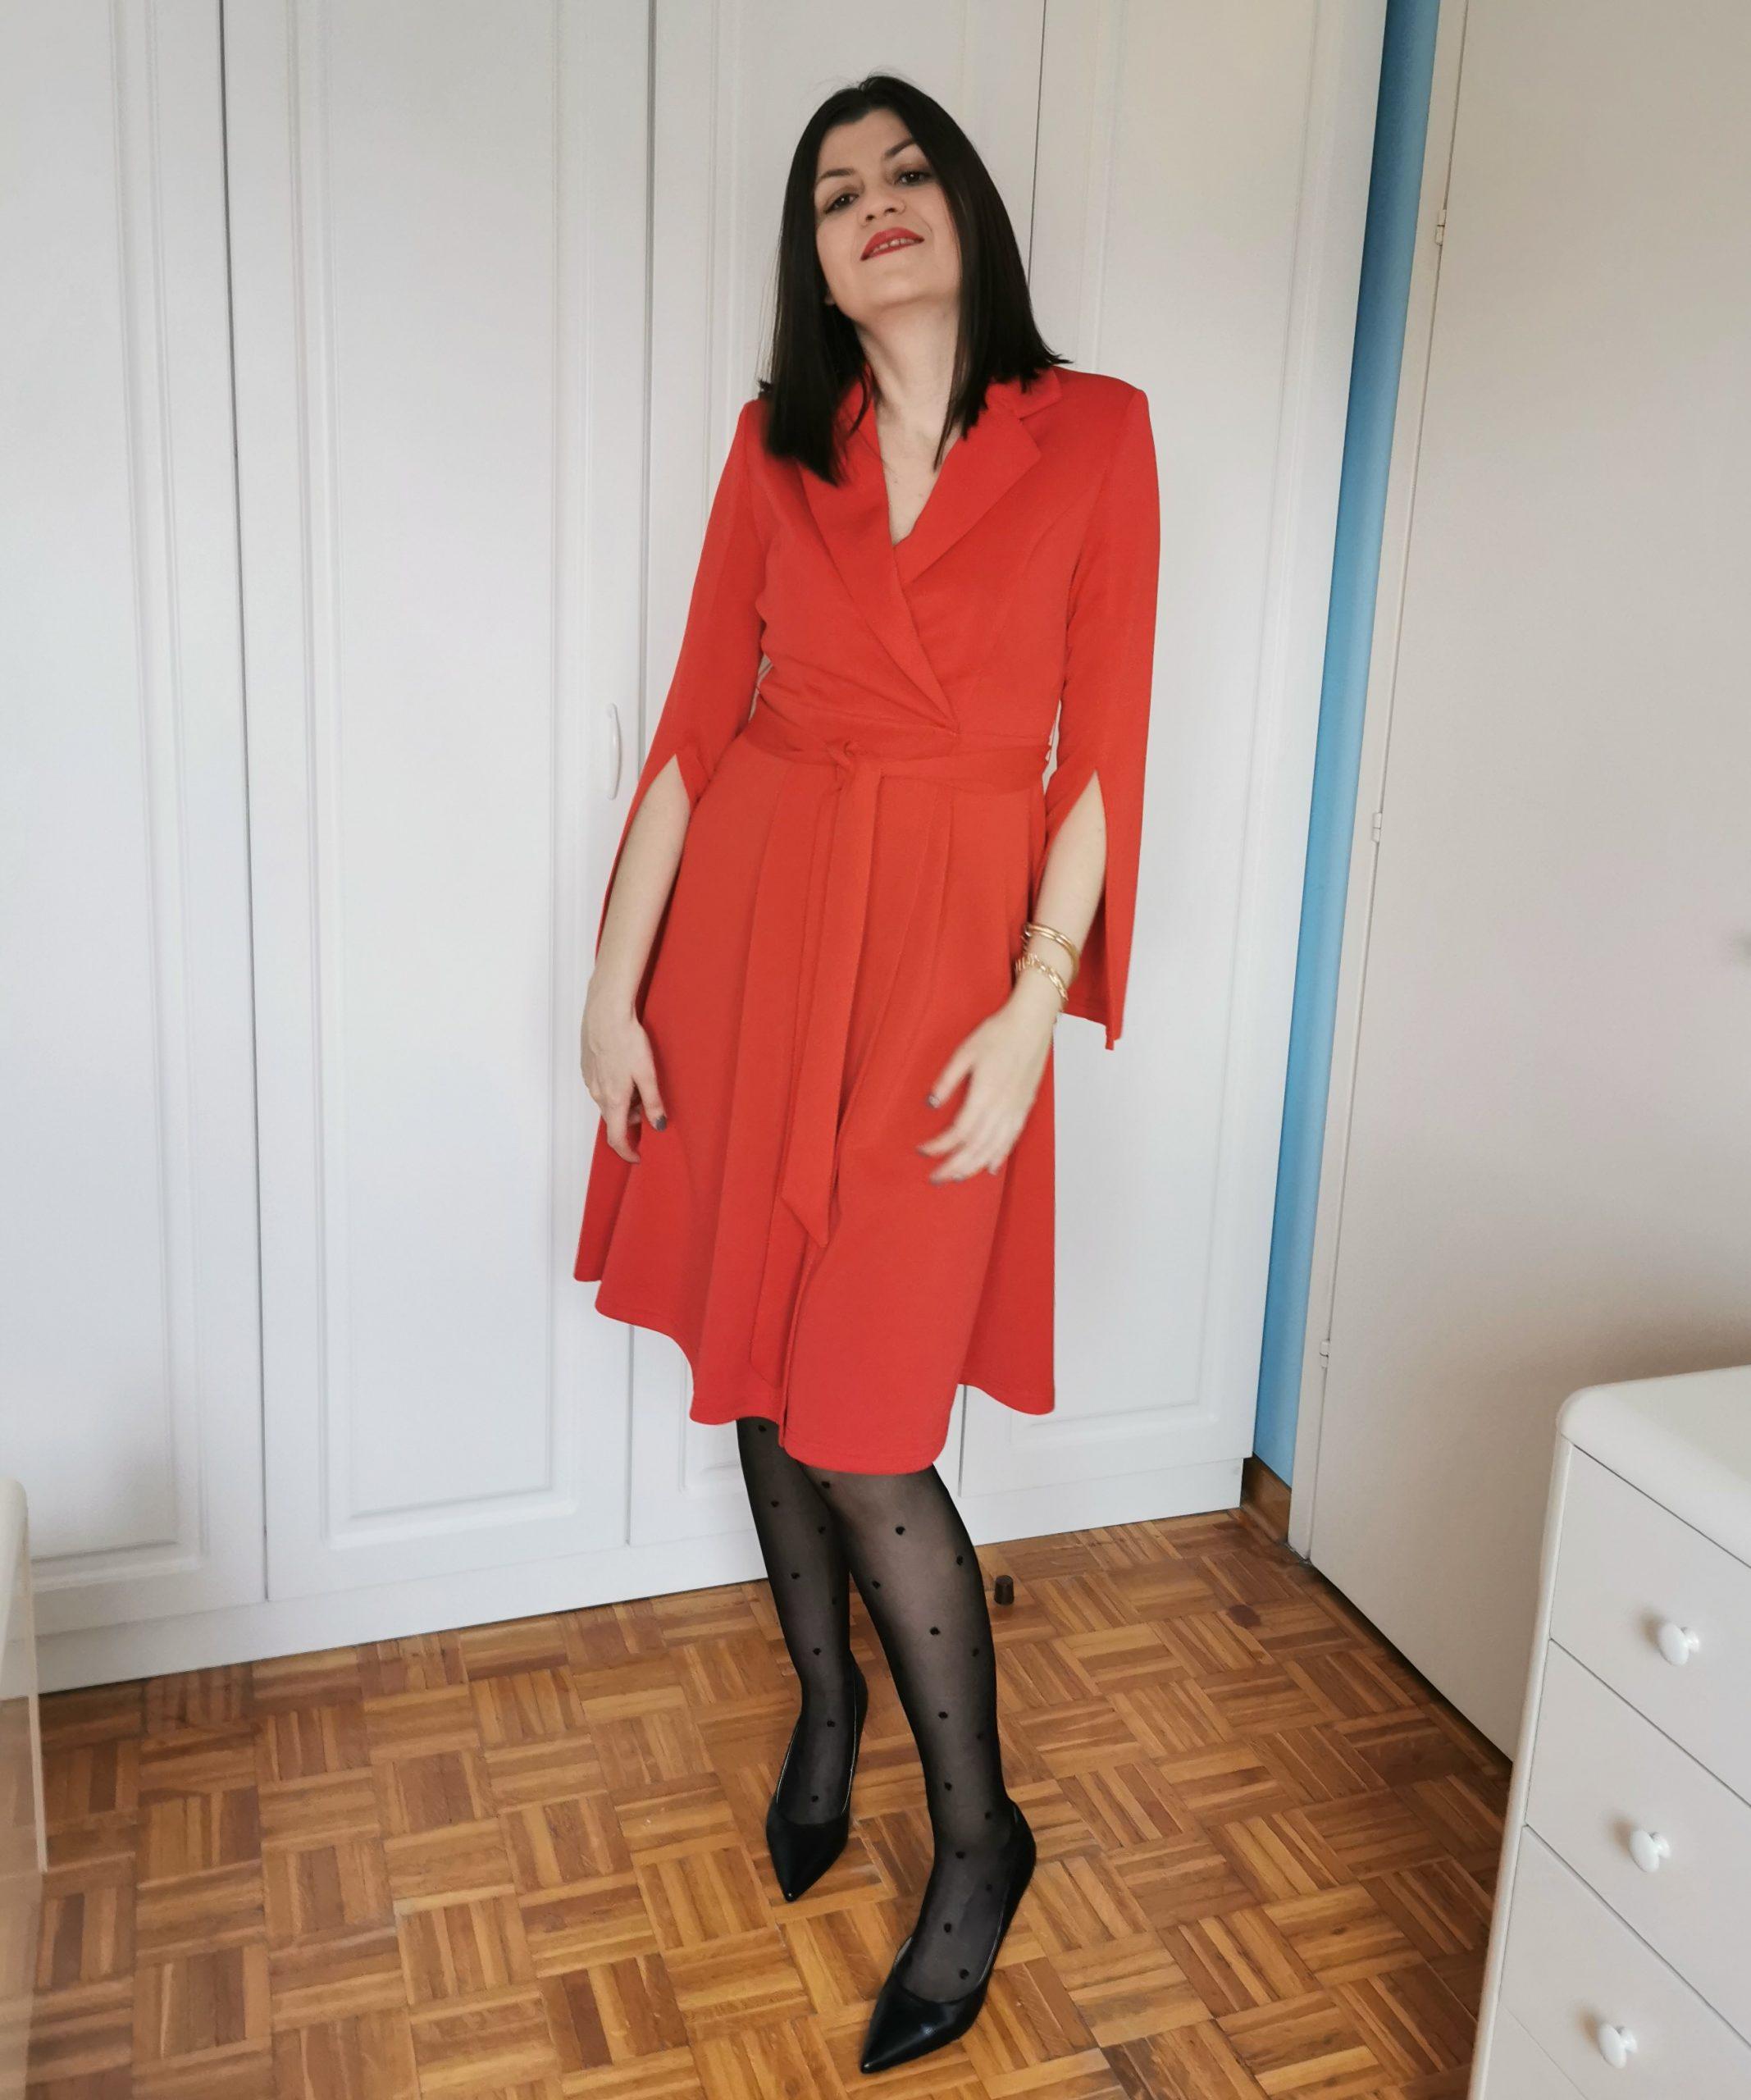 timeless wardrobe pieces / shein red blazer dress